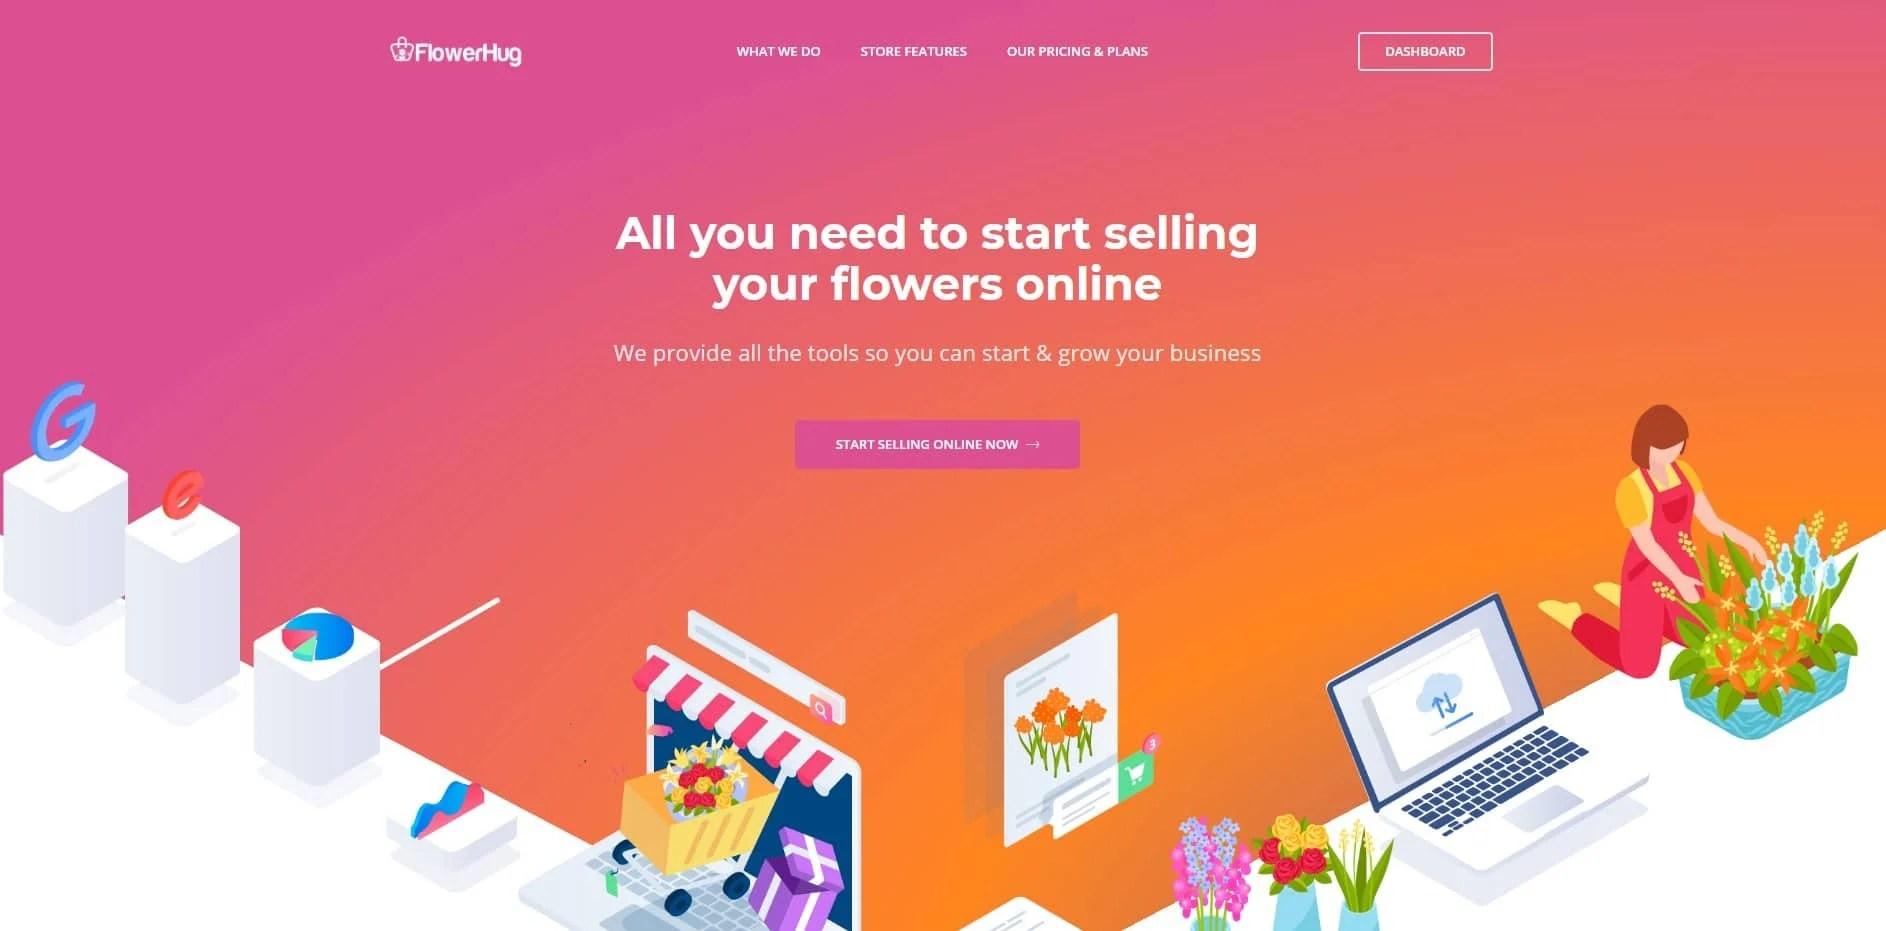 bigPromoter flosesrhug FlowerHug Florist eCommerce